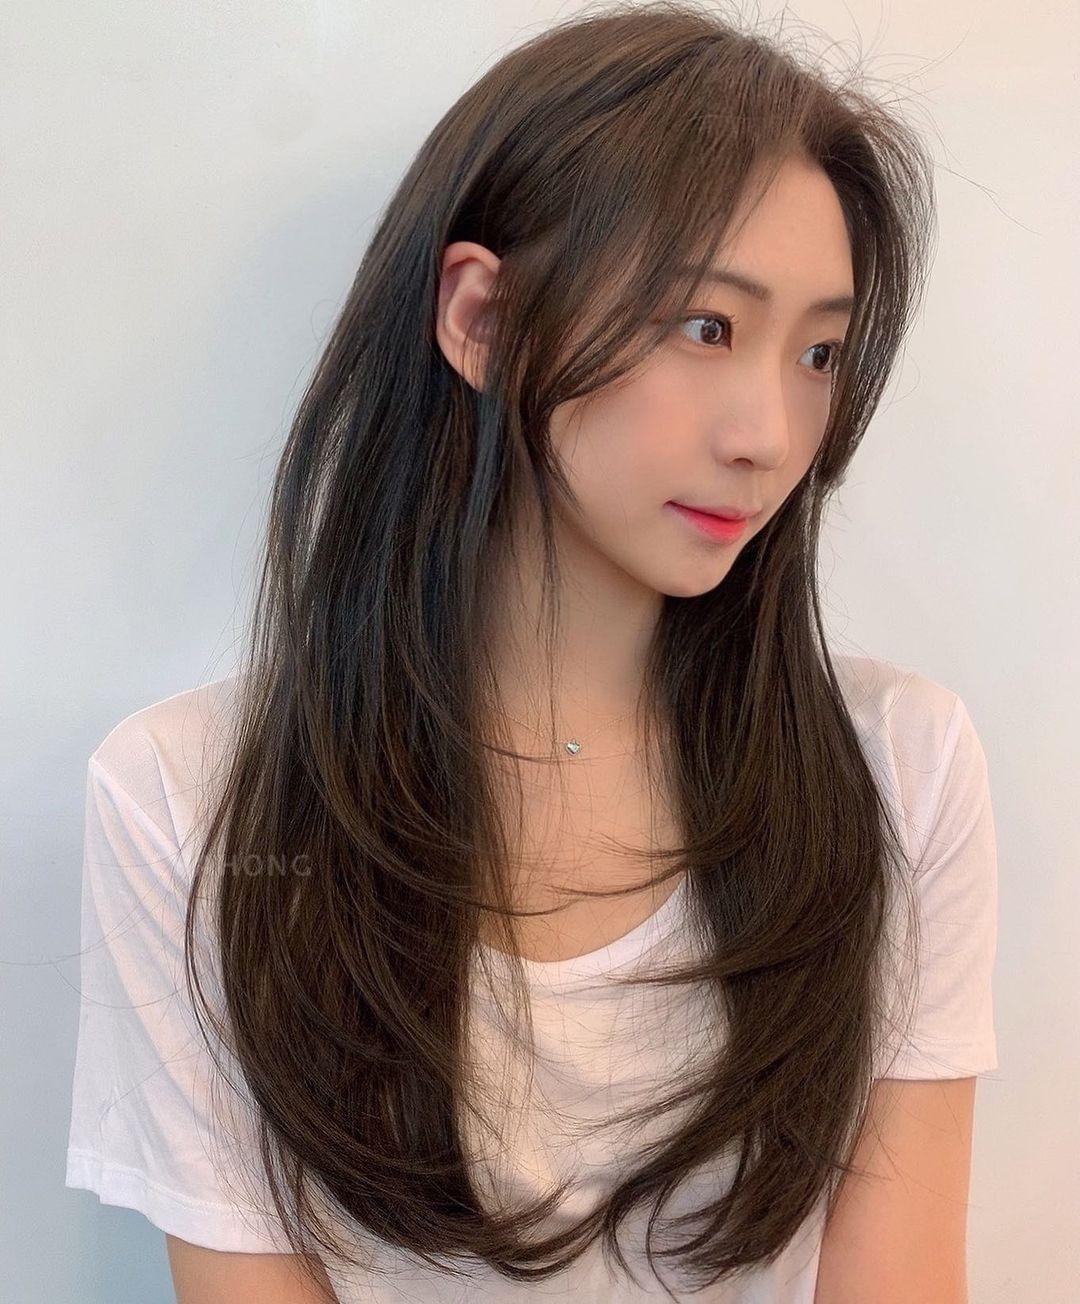 3 kiểu tóc xoăn không hề già, còn 'phù phép' tóc mỏng thành dày dặn bồng bềnh dành riêng cho phe tóc dài - Ảnh 2